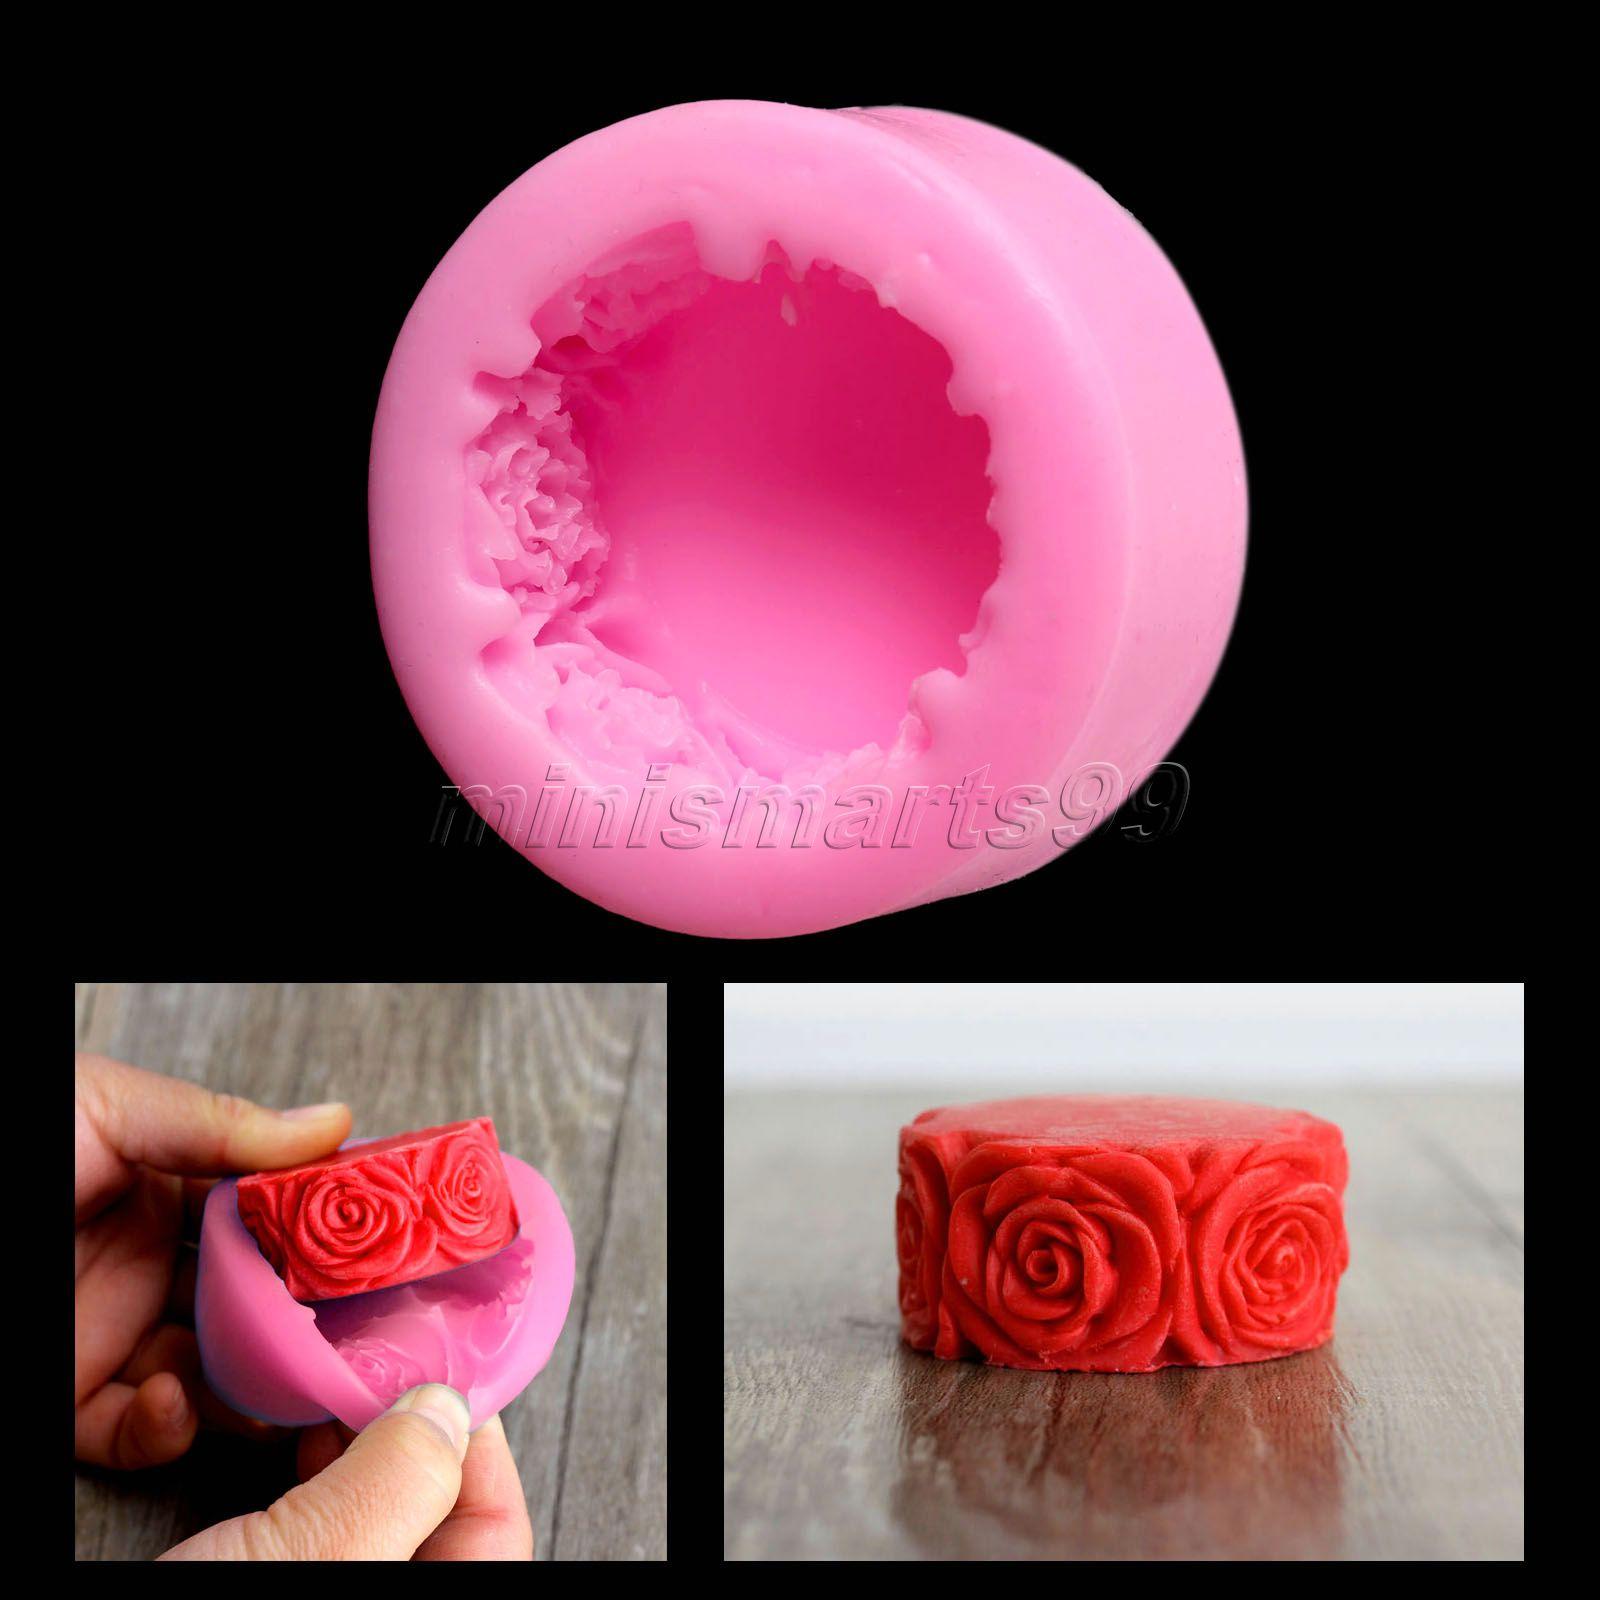 Nicole Rose flori Forme rotunde de silicon Formele pentru săpun Artizanat DIY Forme de lumanari Forme Stampi în silicon Instrumente de tort